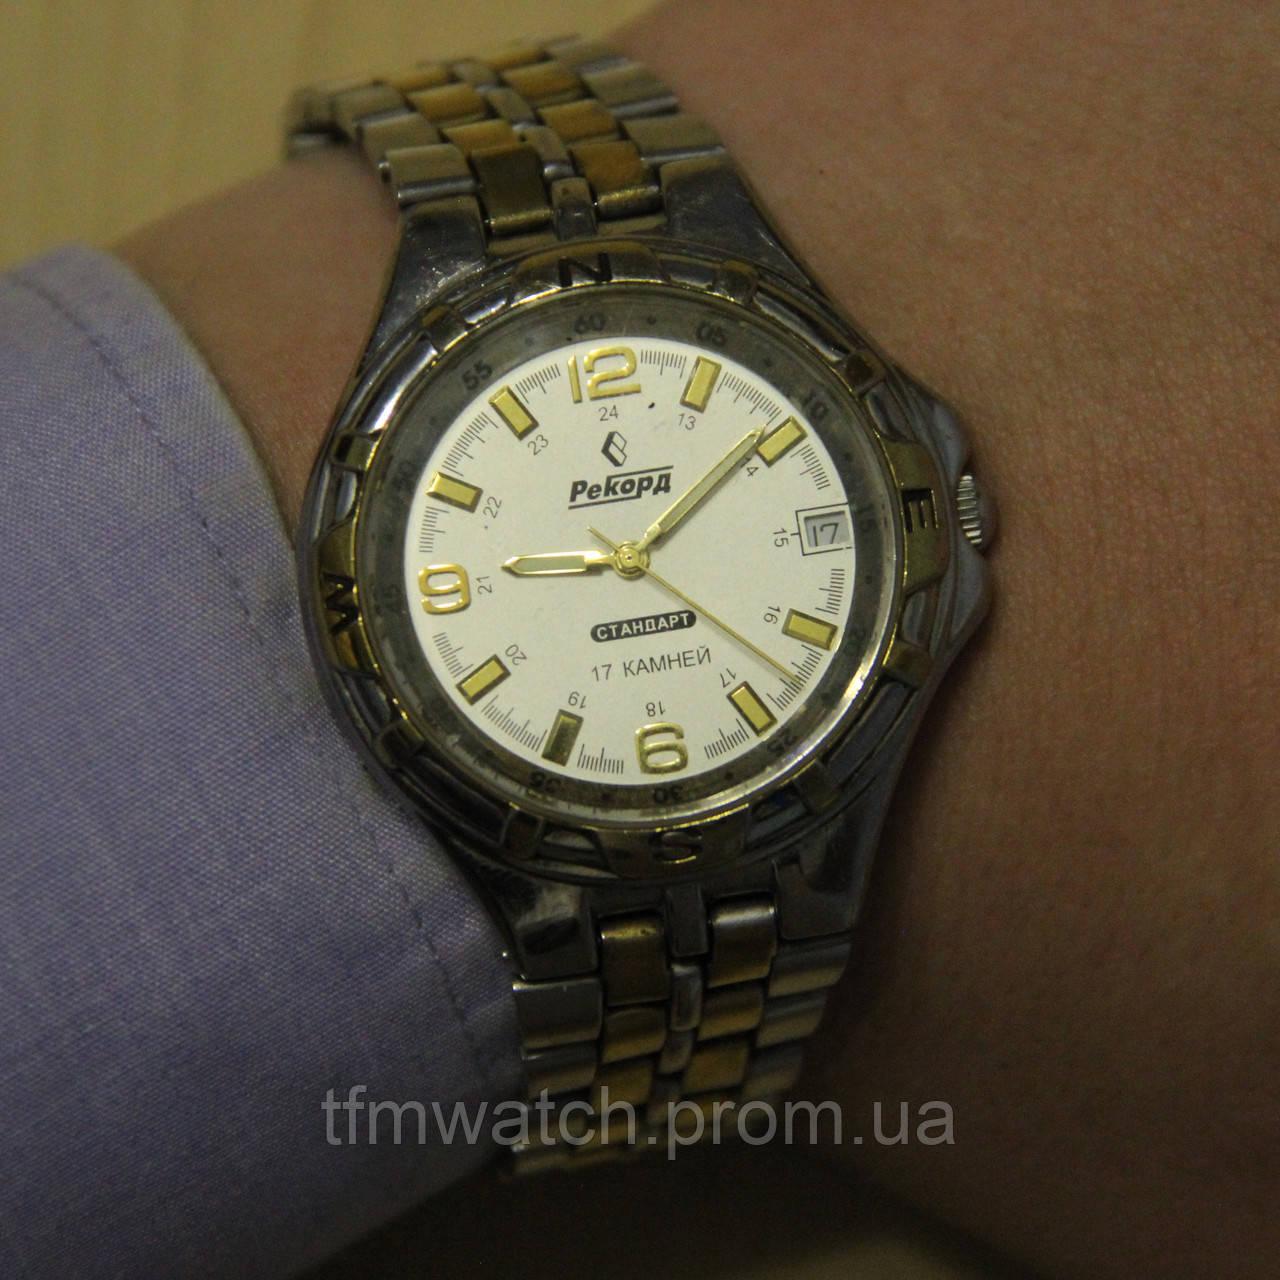 Часы мужские рекорд купить купить часы эпл воронеж